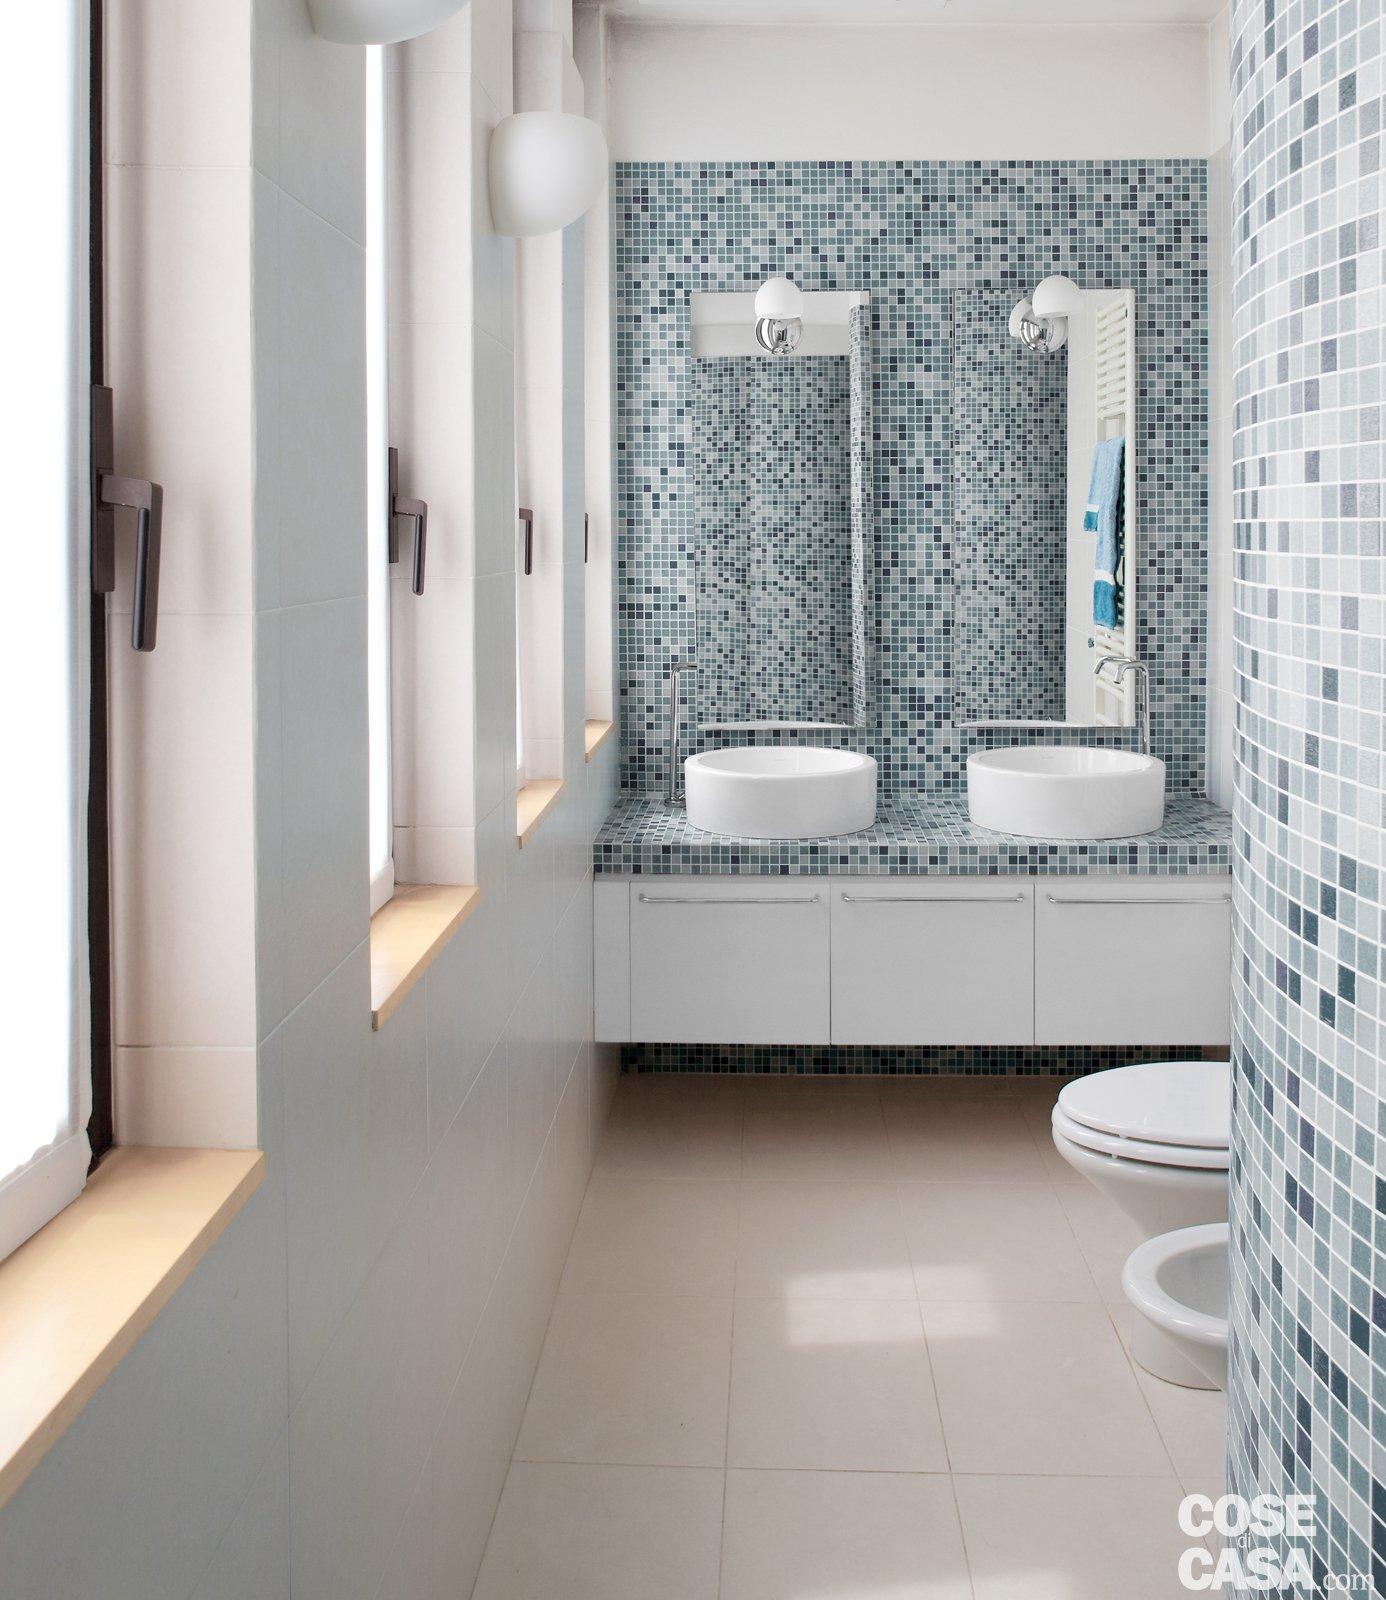 Piastrelle doccia mosaico sicis la tradizione e nel for Mosaico bisazza prezzi